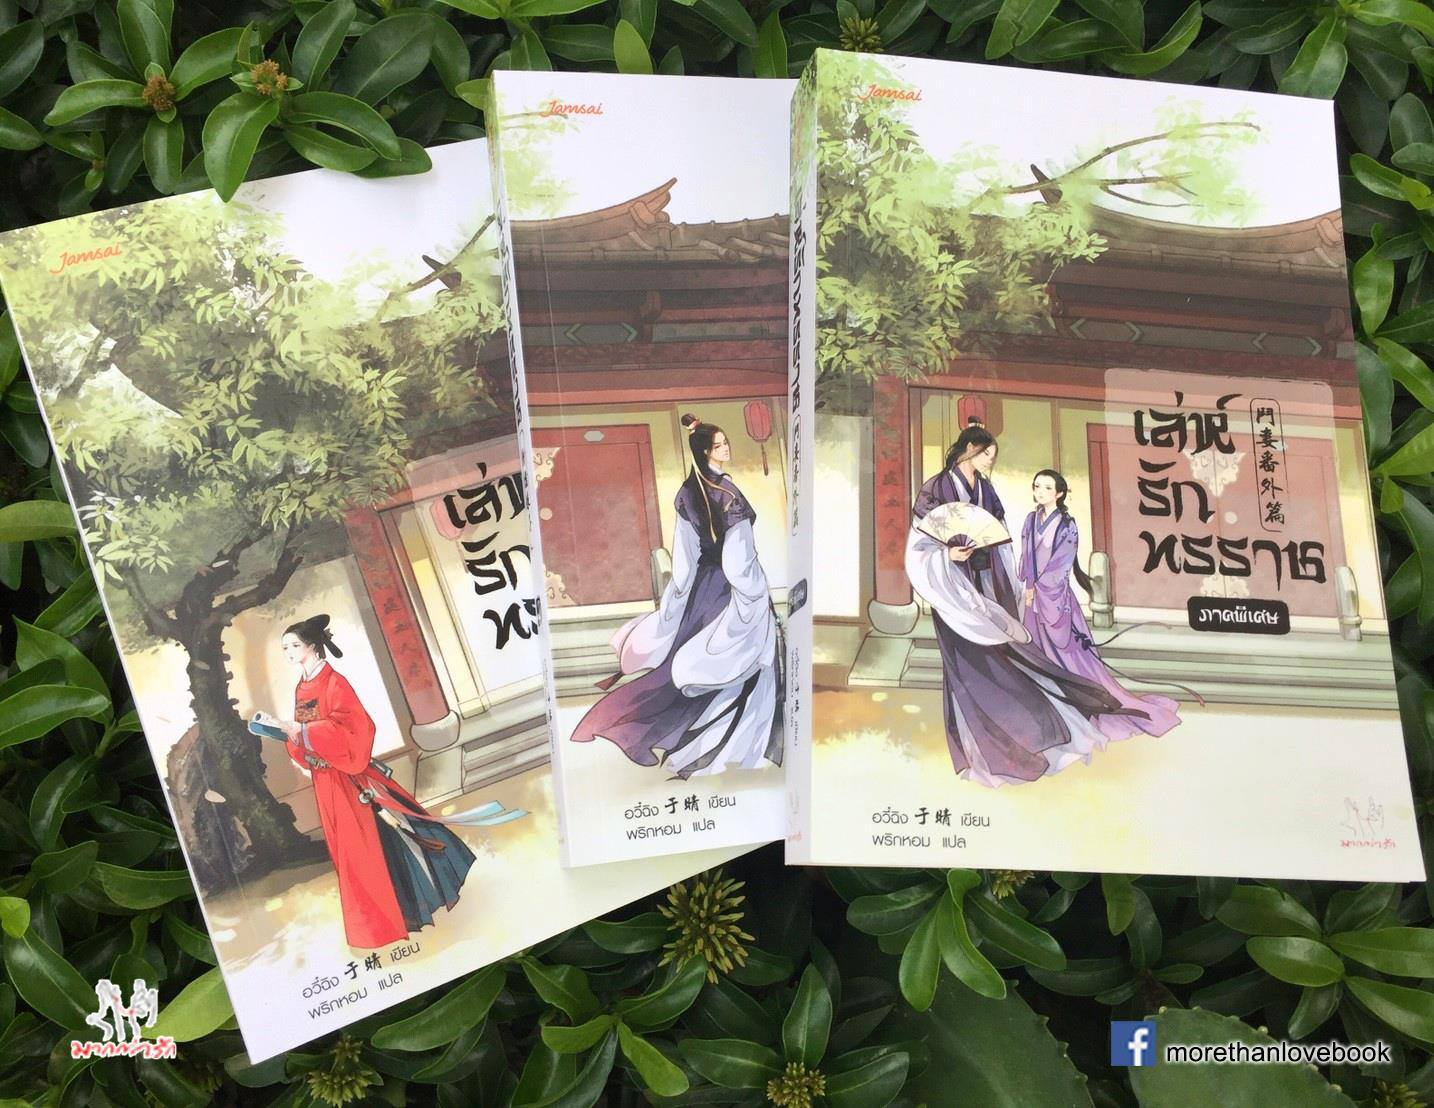 เล่ห์รักทรราช (3 เล่มจบ) By อวี๋ฉิง มัดจำ 700 ค่าเช่า 160b.